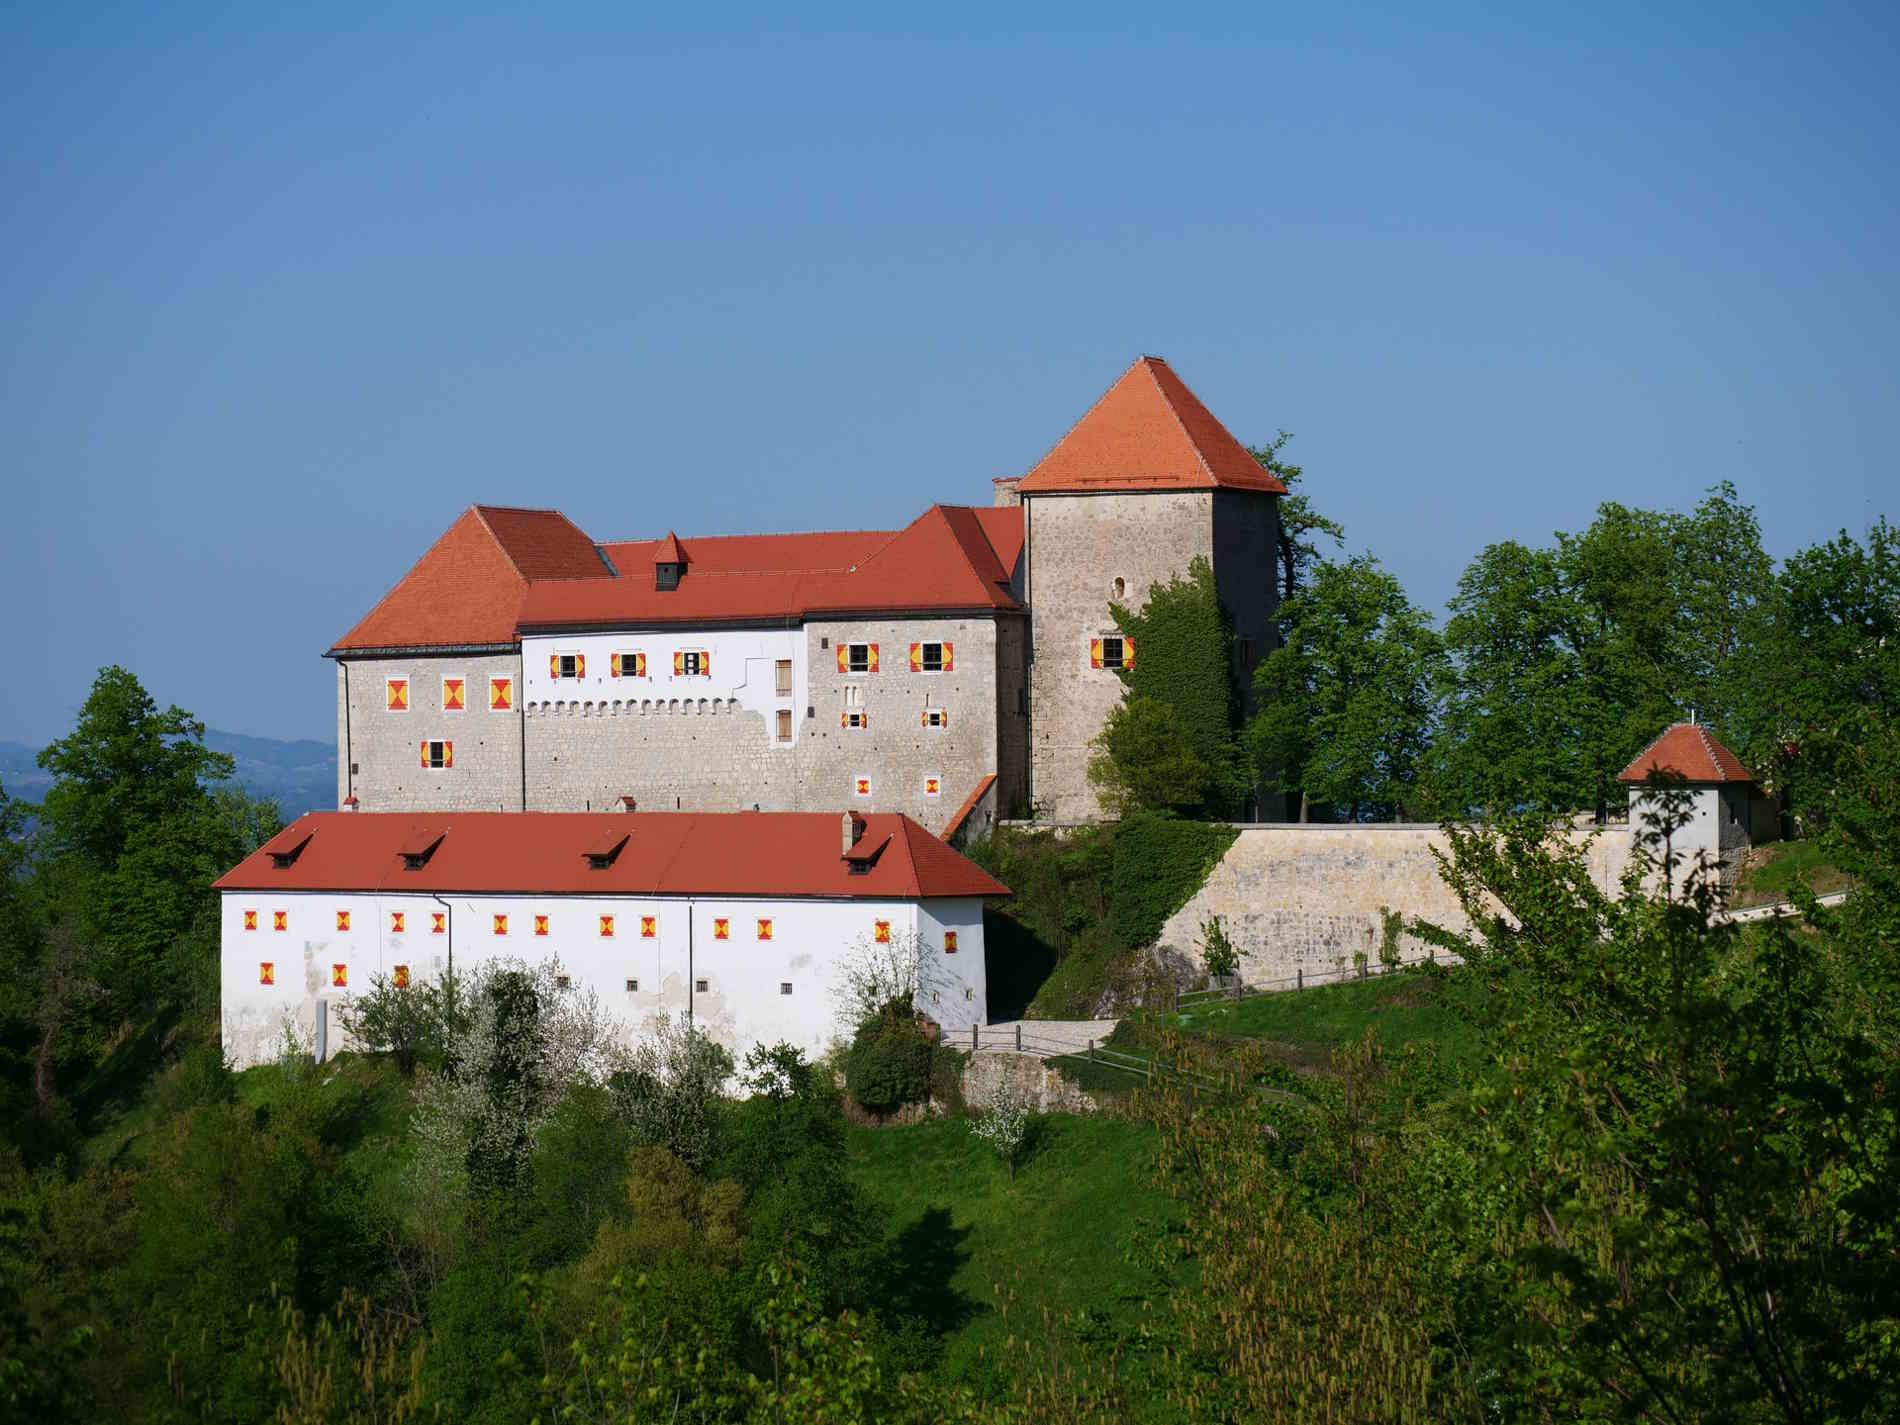 Cose da vedere in u itinerario di Viaggio in Slovenia - Il castello di Podsreda